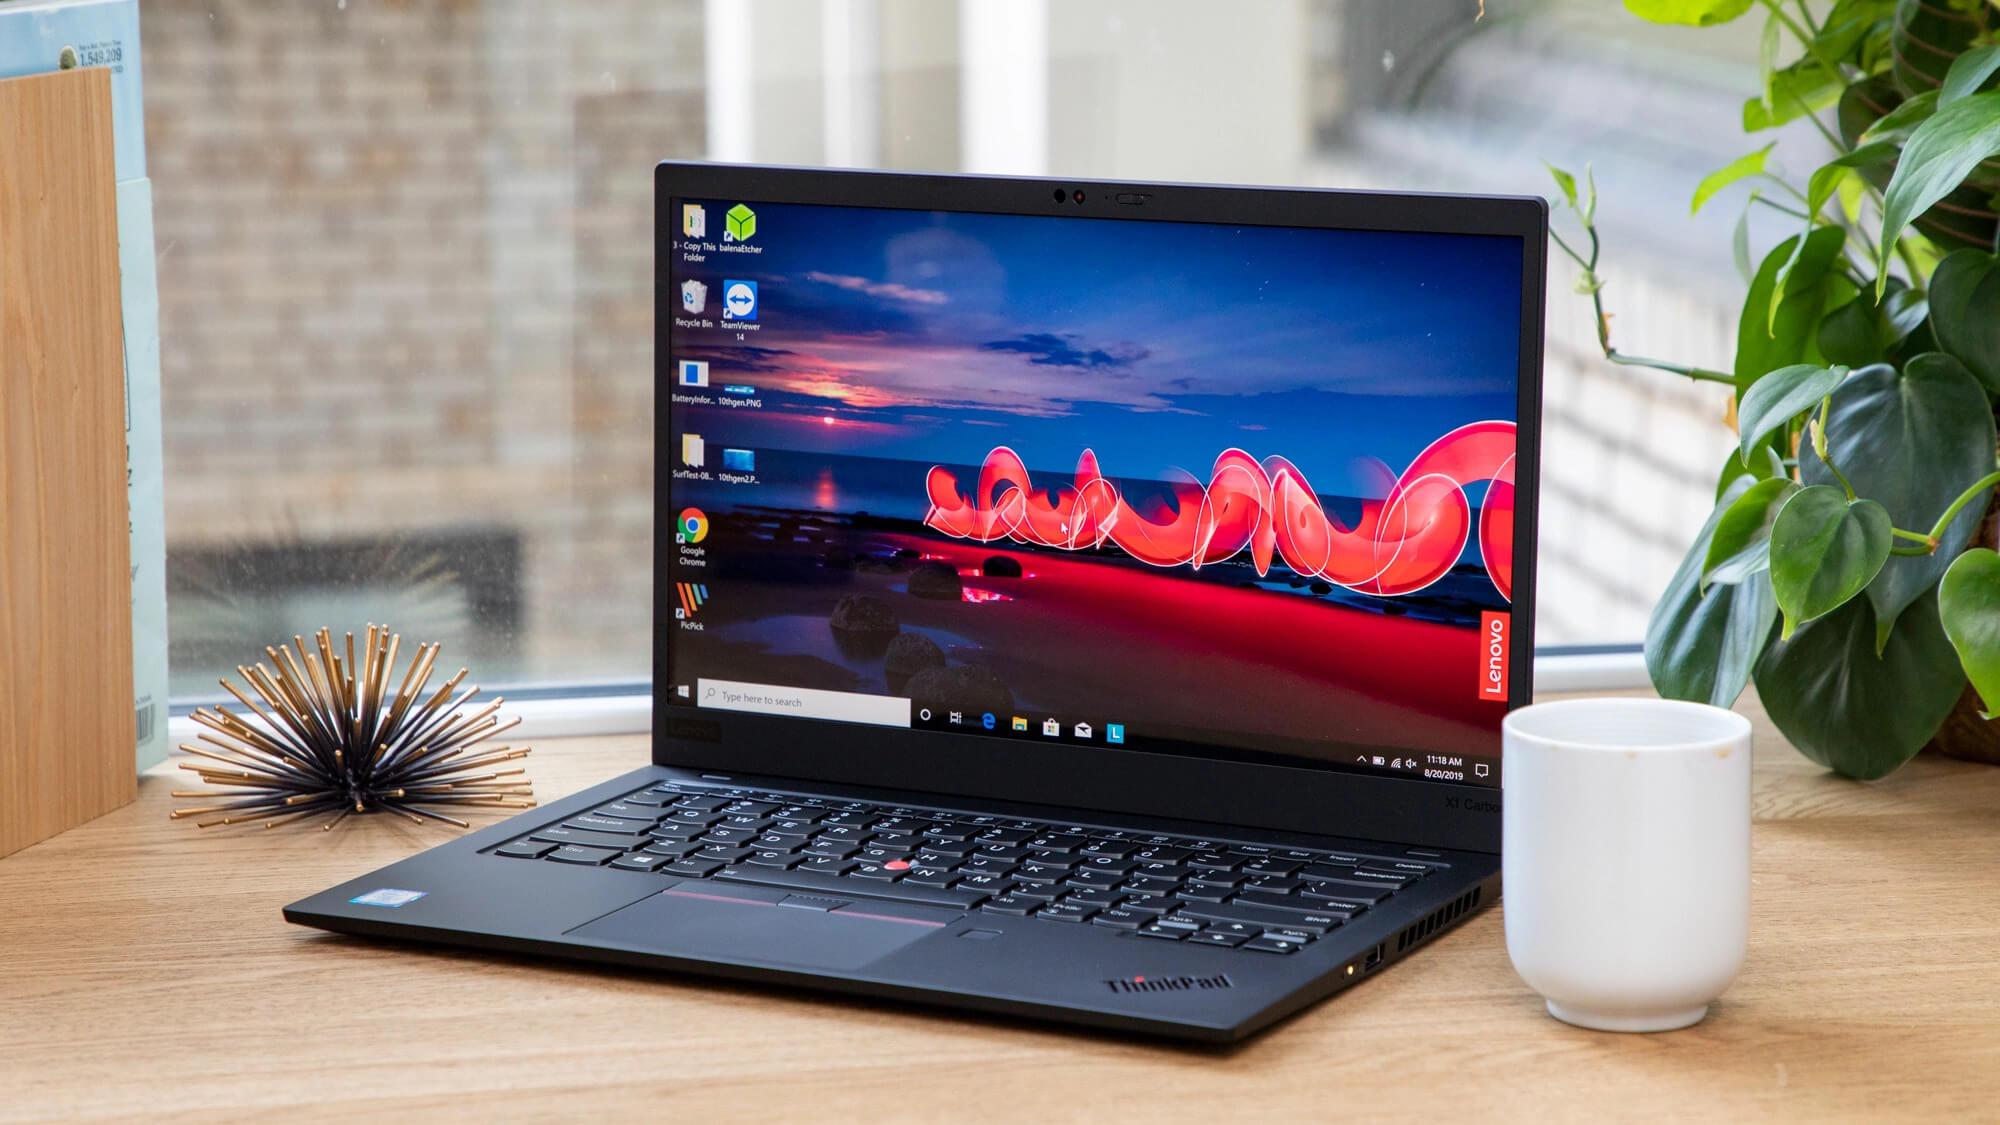 15 Laptop Tot nhat 2021 1